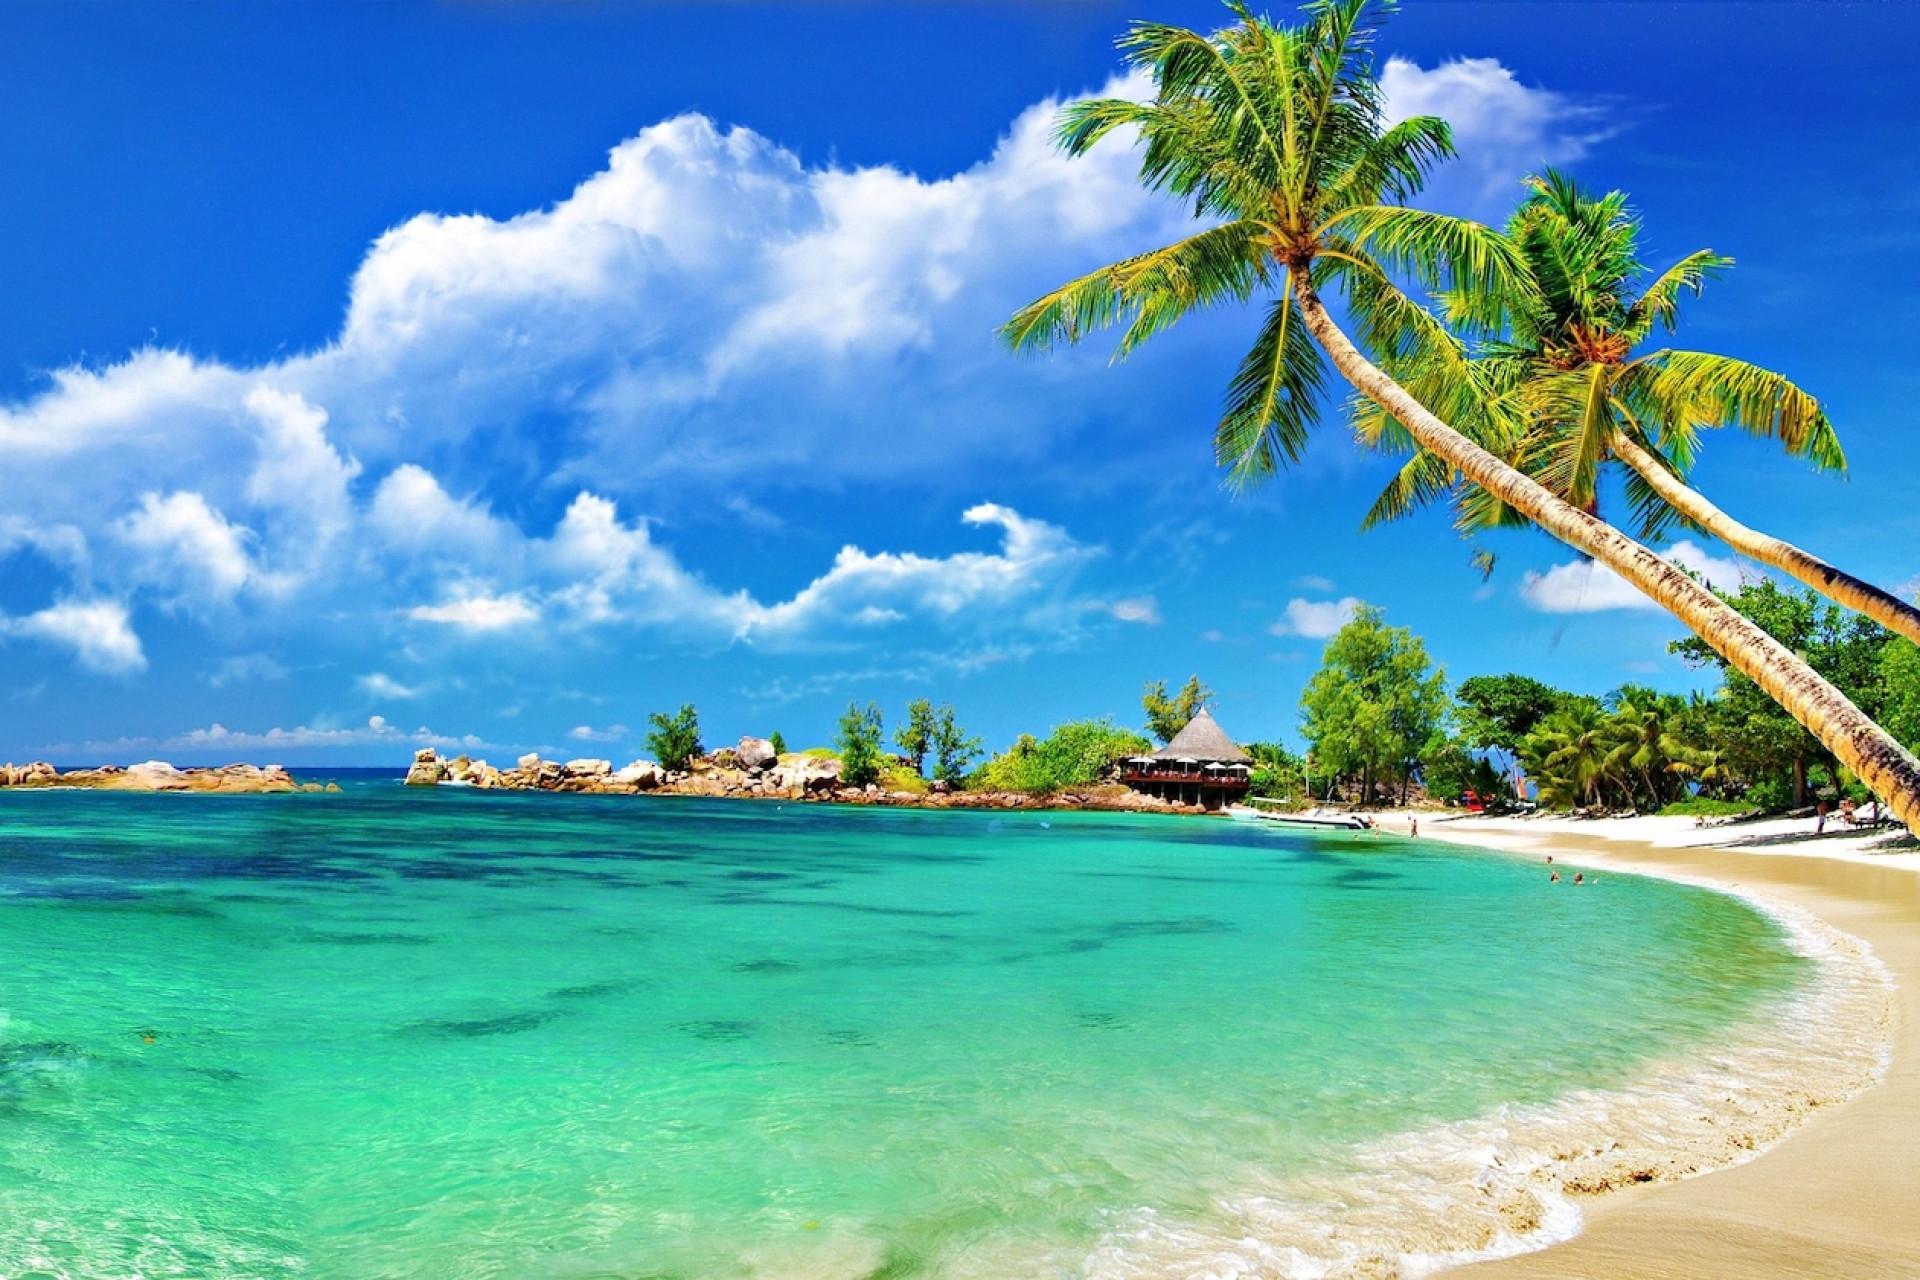 Charter Destination: Caribbean